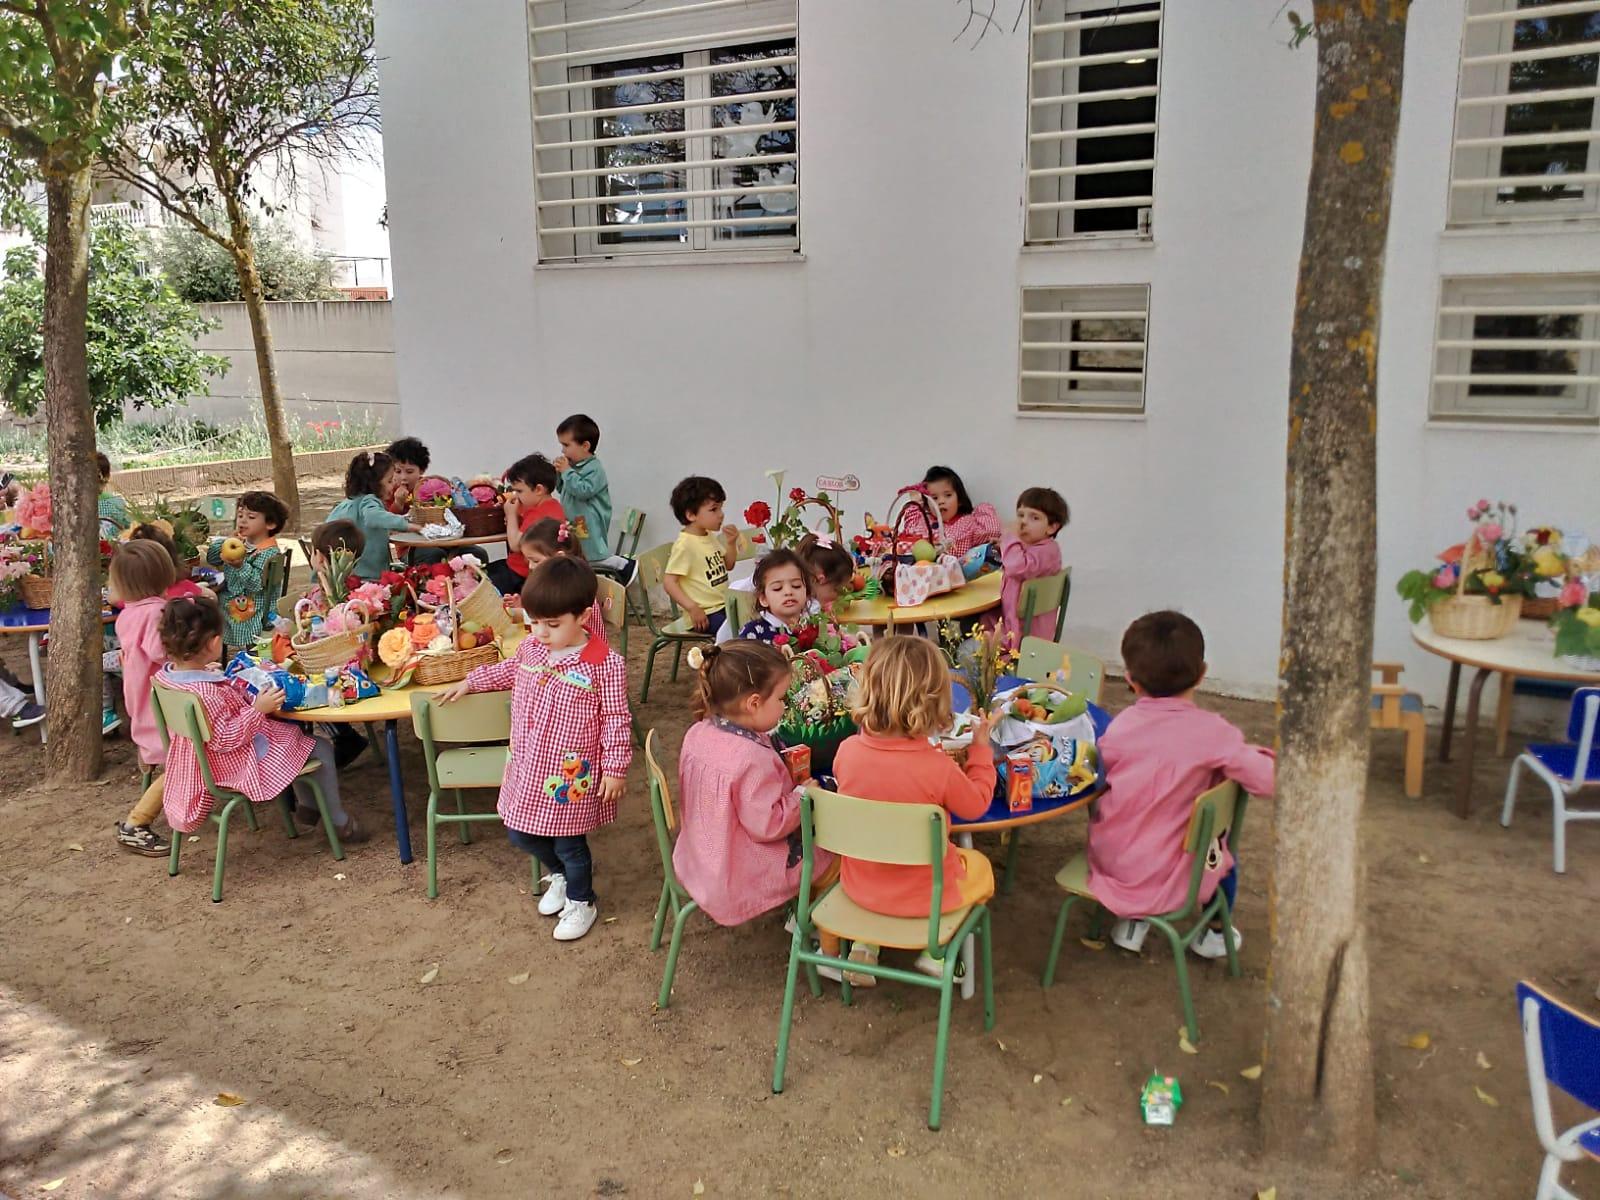 La Escuela Infantil por fin pudo celebrar su fiesta de la primavera con la llegada del sol